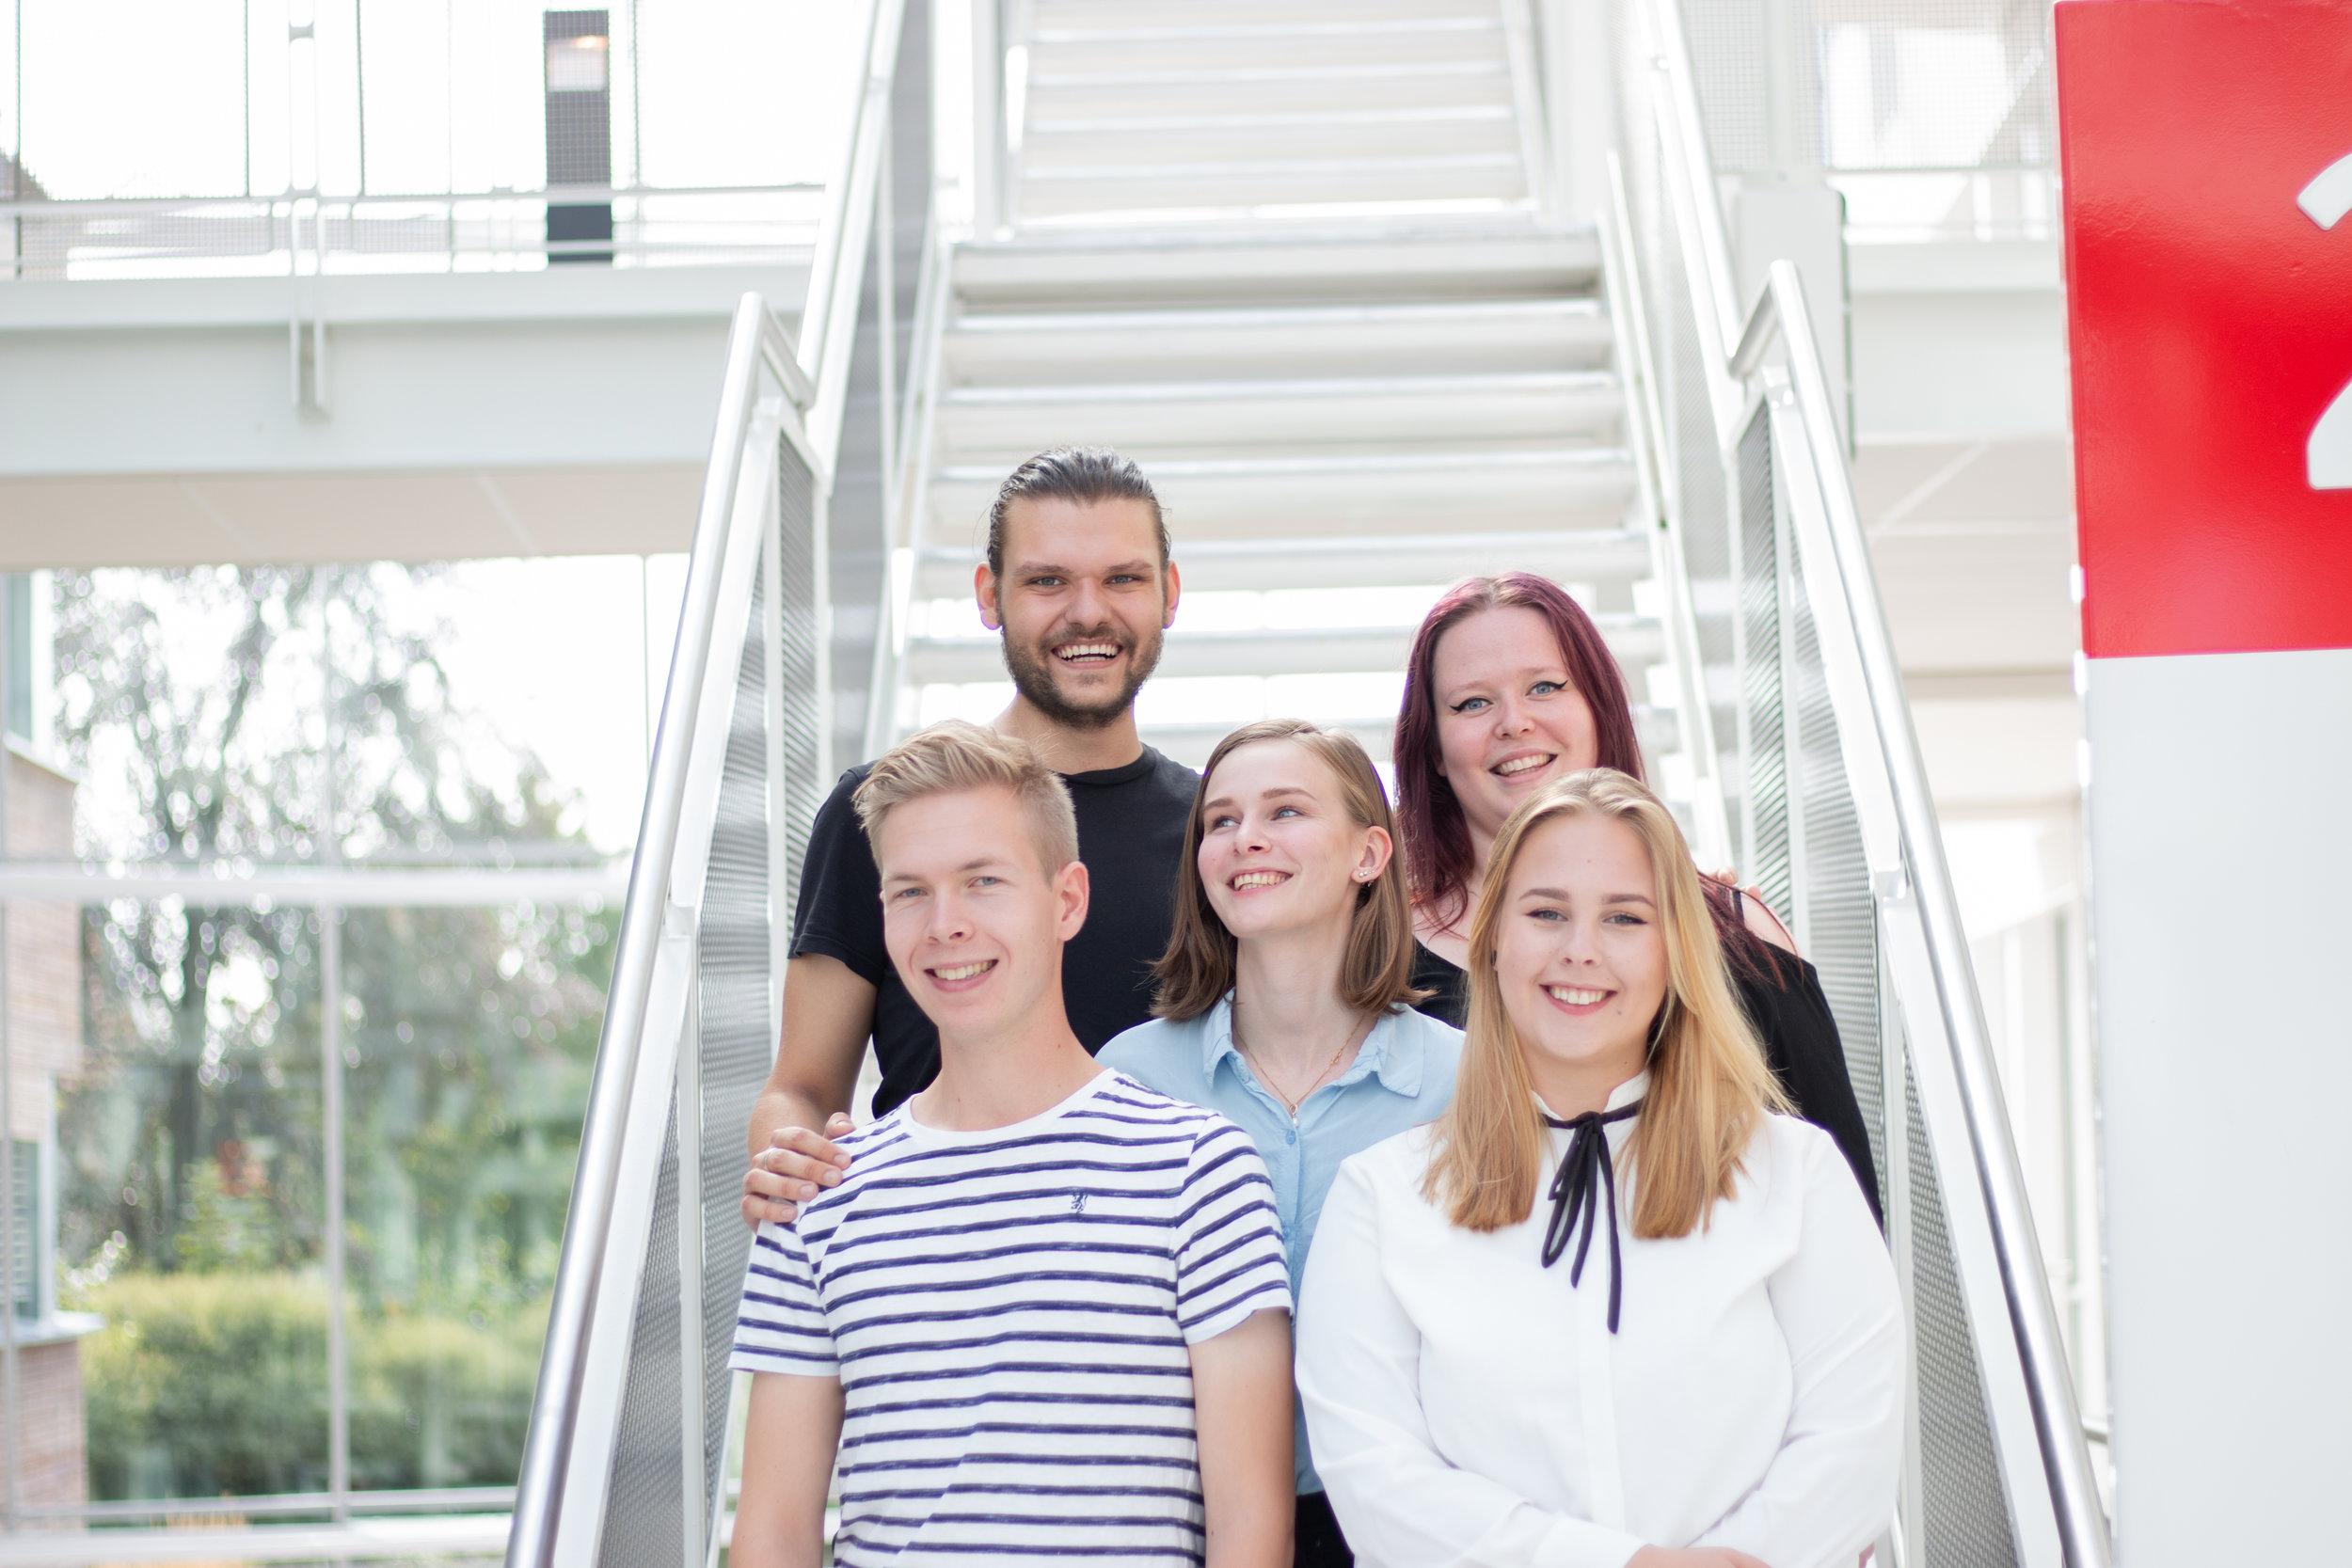 Velkommen til oss! Robert Vilimas, Jane Martinsen, Anders Moen Kaste, Ingeborg Sanna, Eilén Irene Holt og Sandra Jensen er Viadukt-teamet!